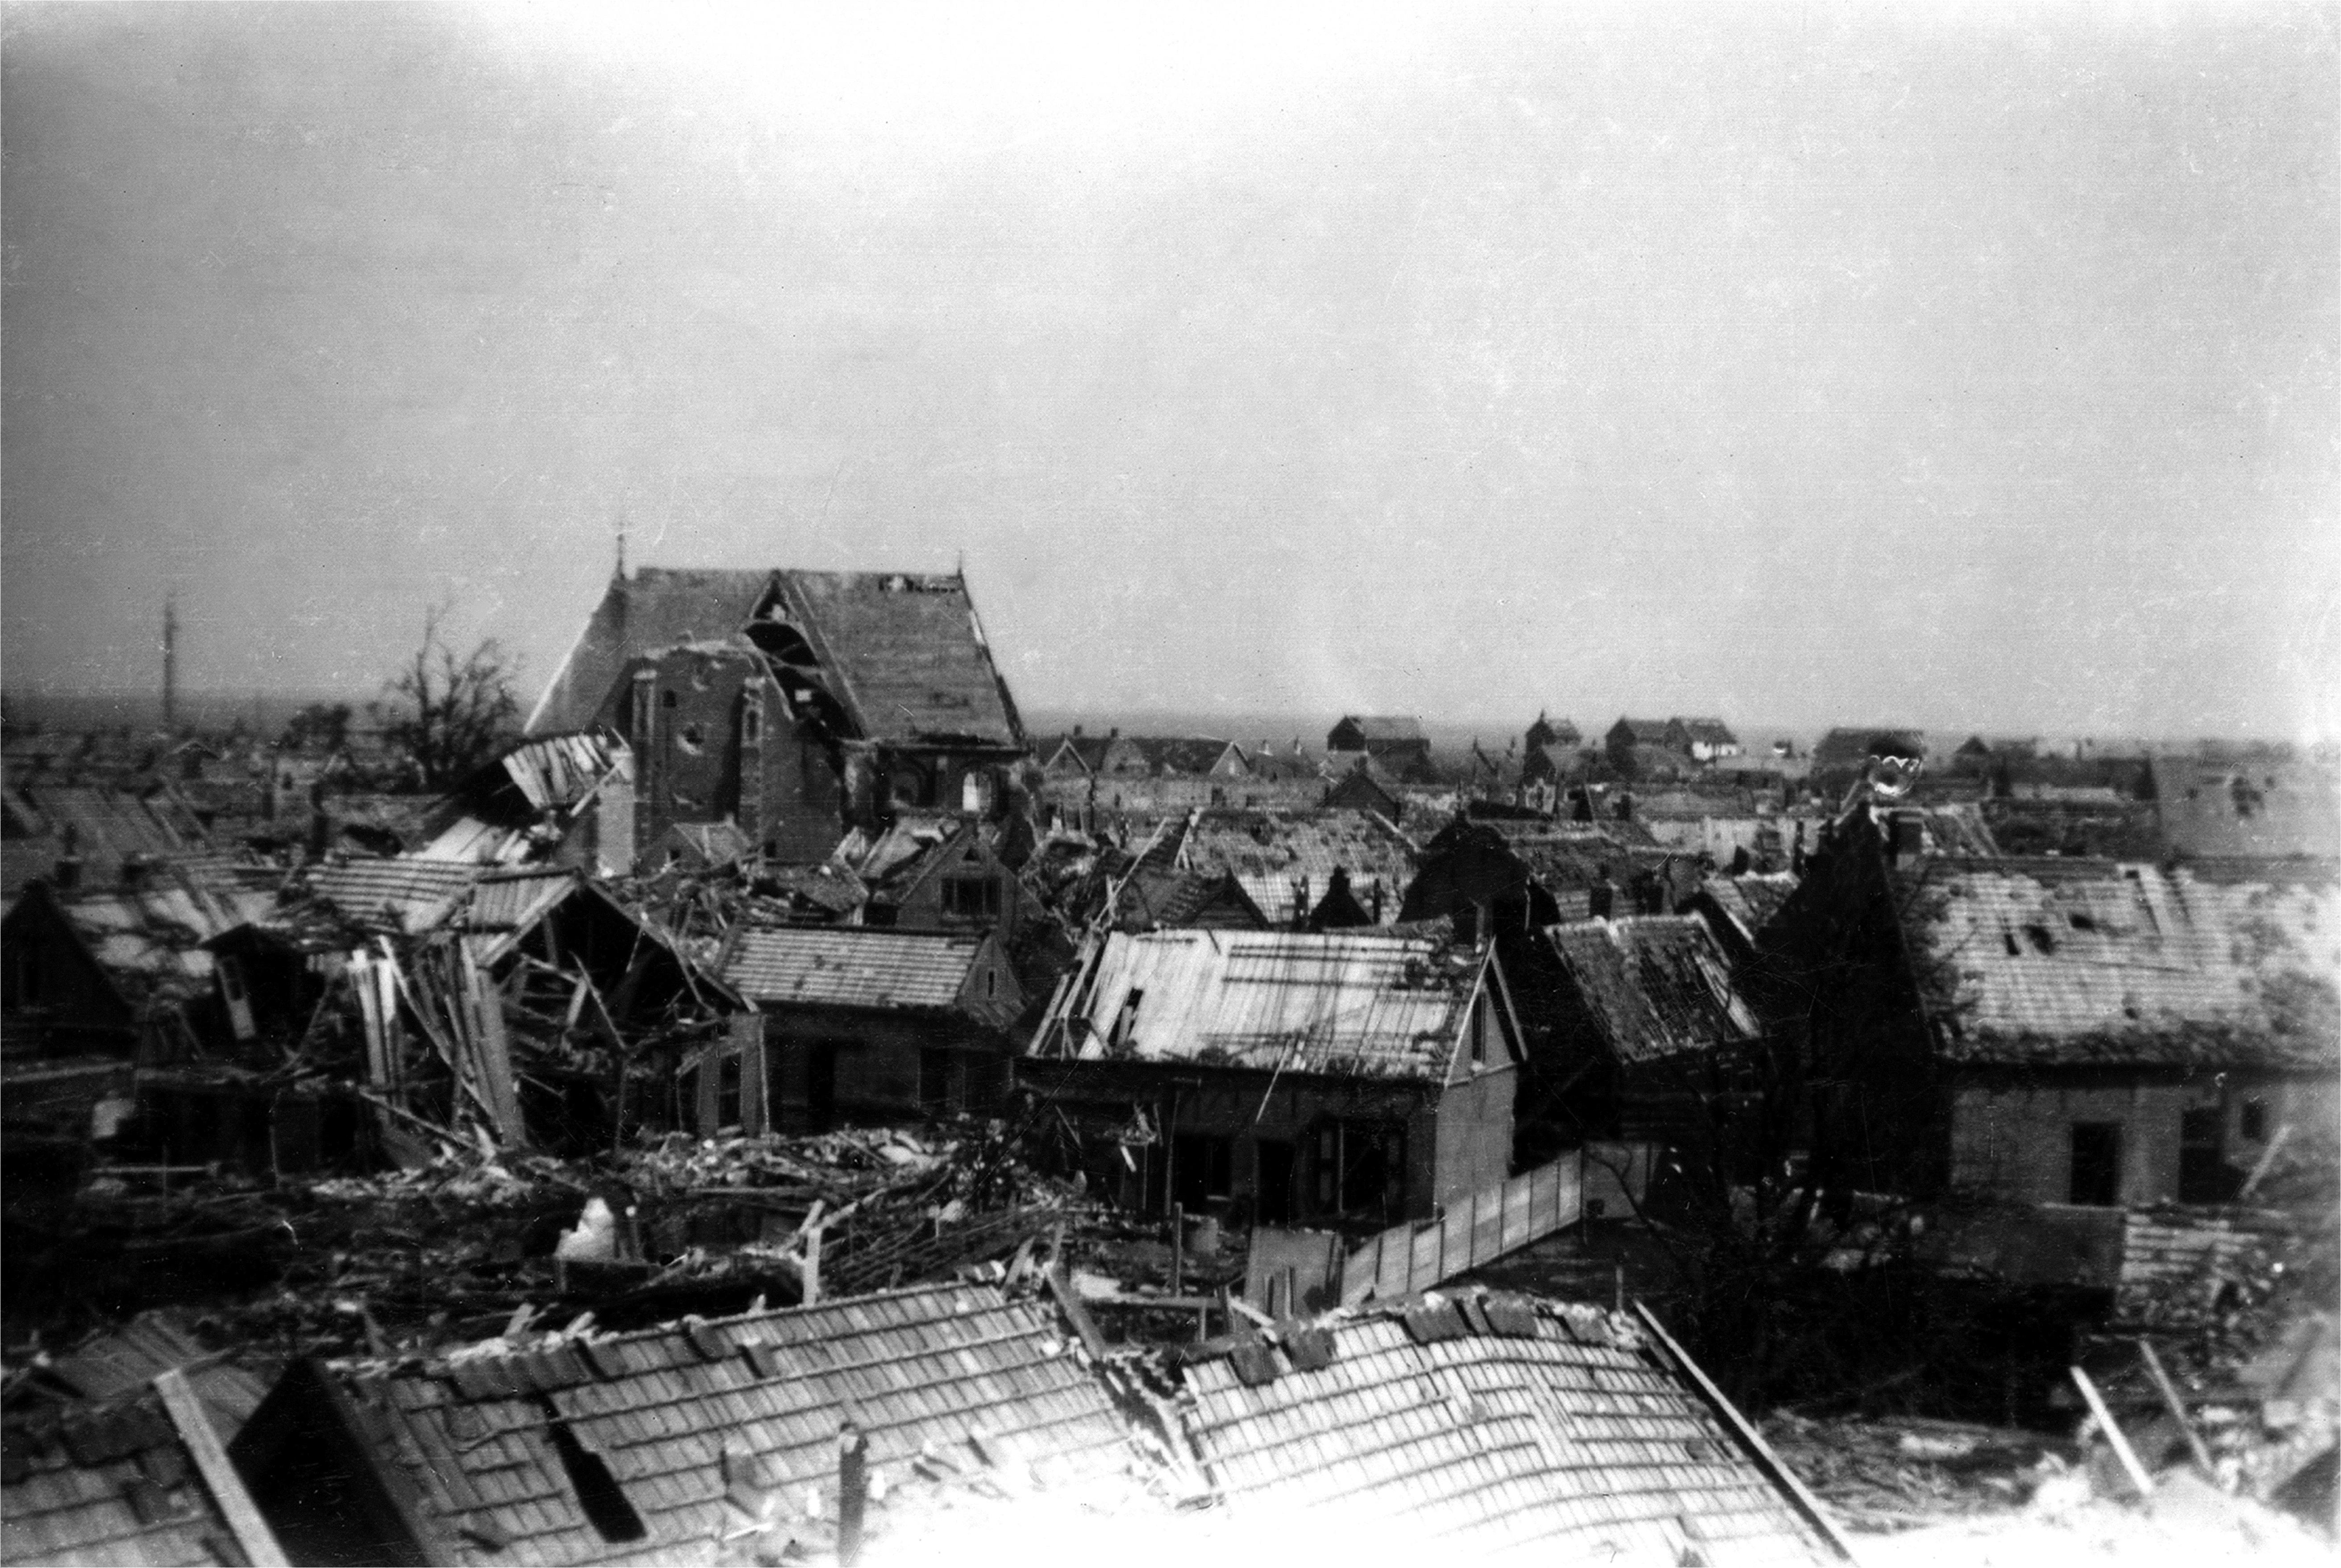 De verwoesting in Bruinisse na het bombardement van 5 januari 1945 (Brusea).